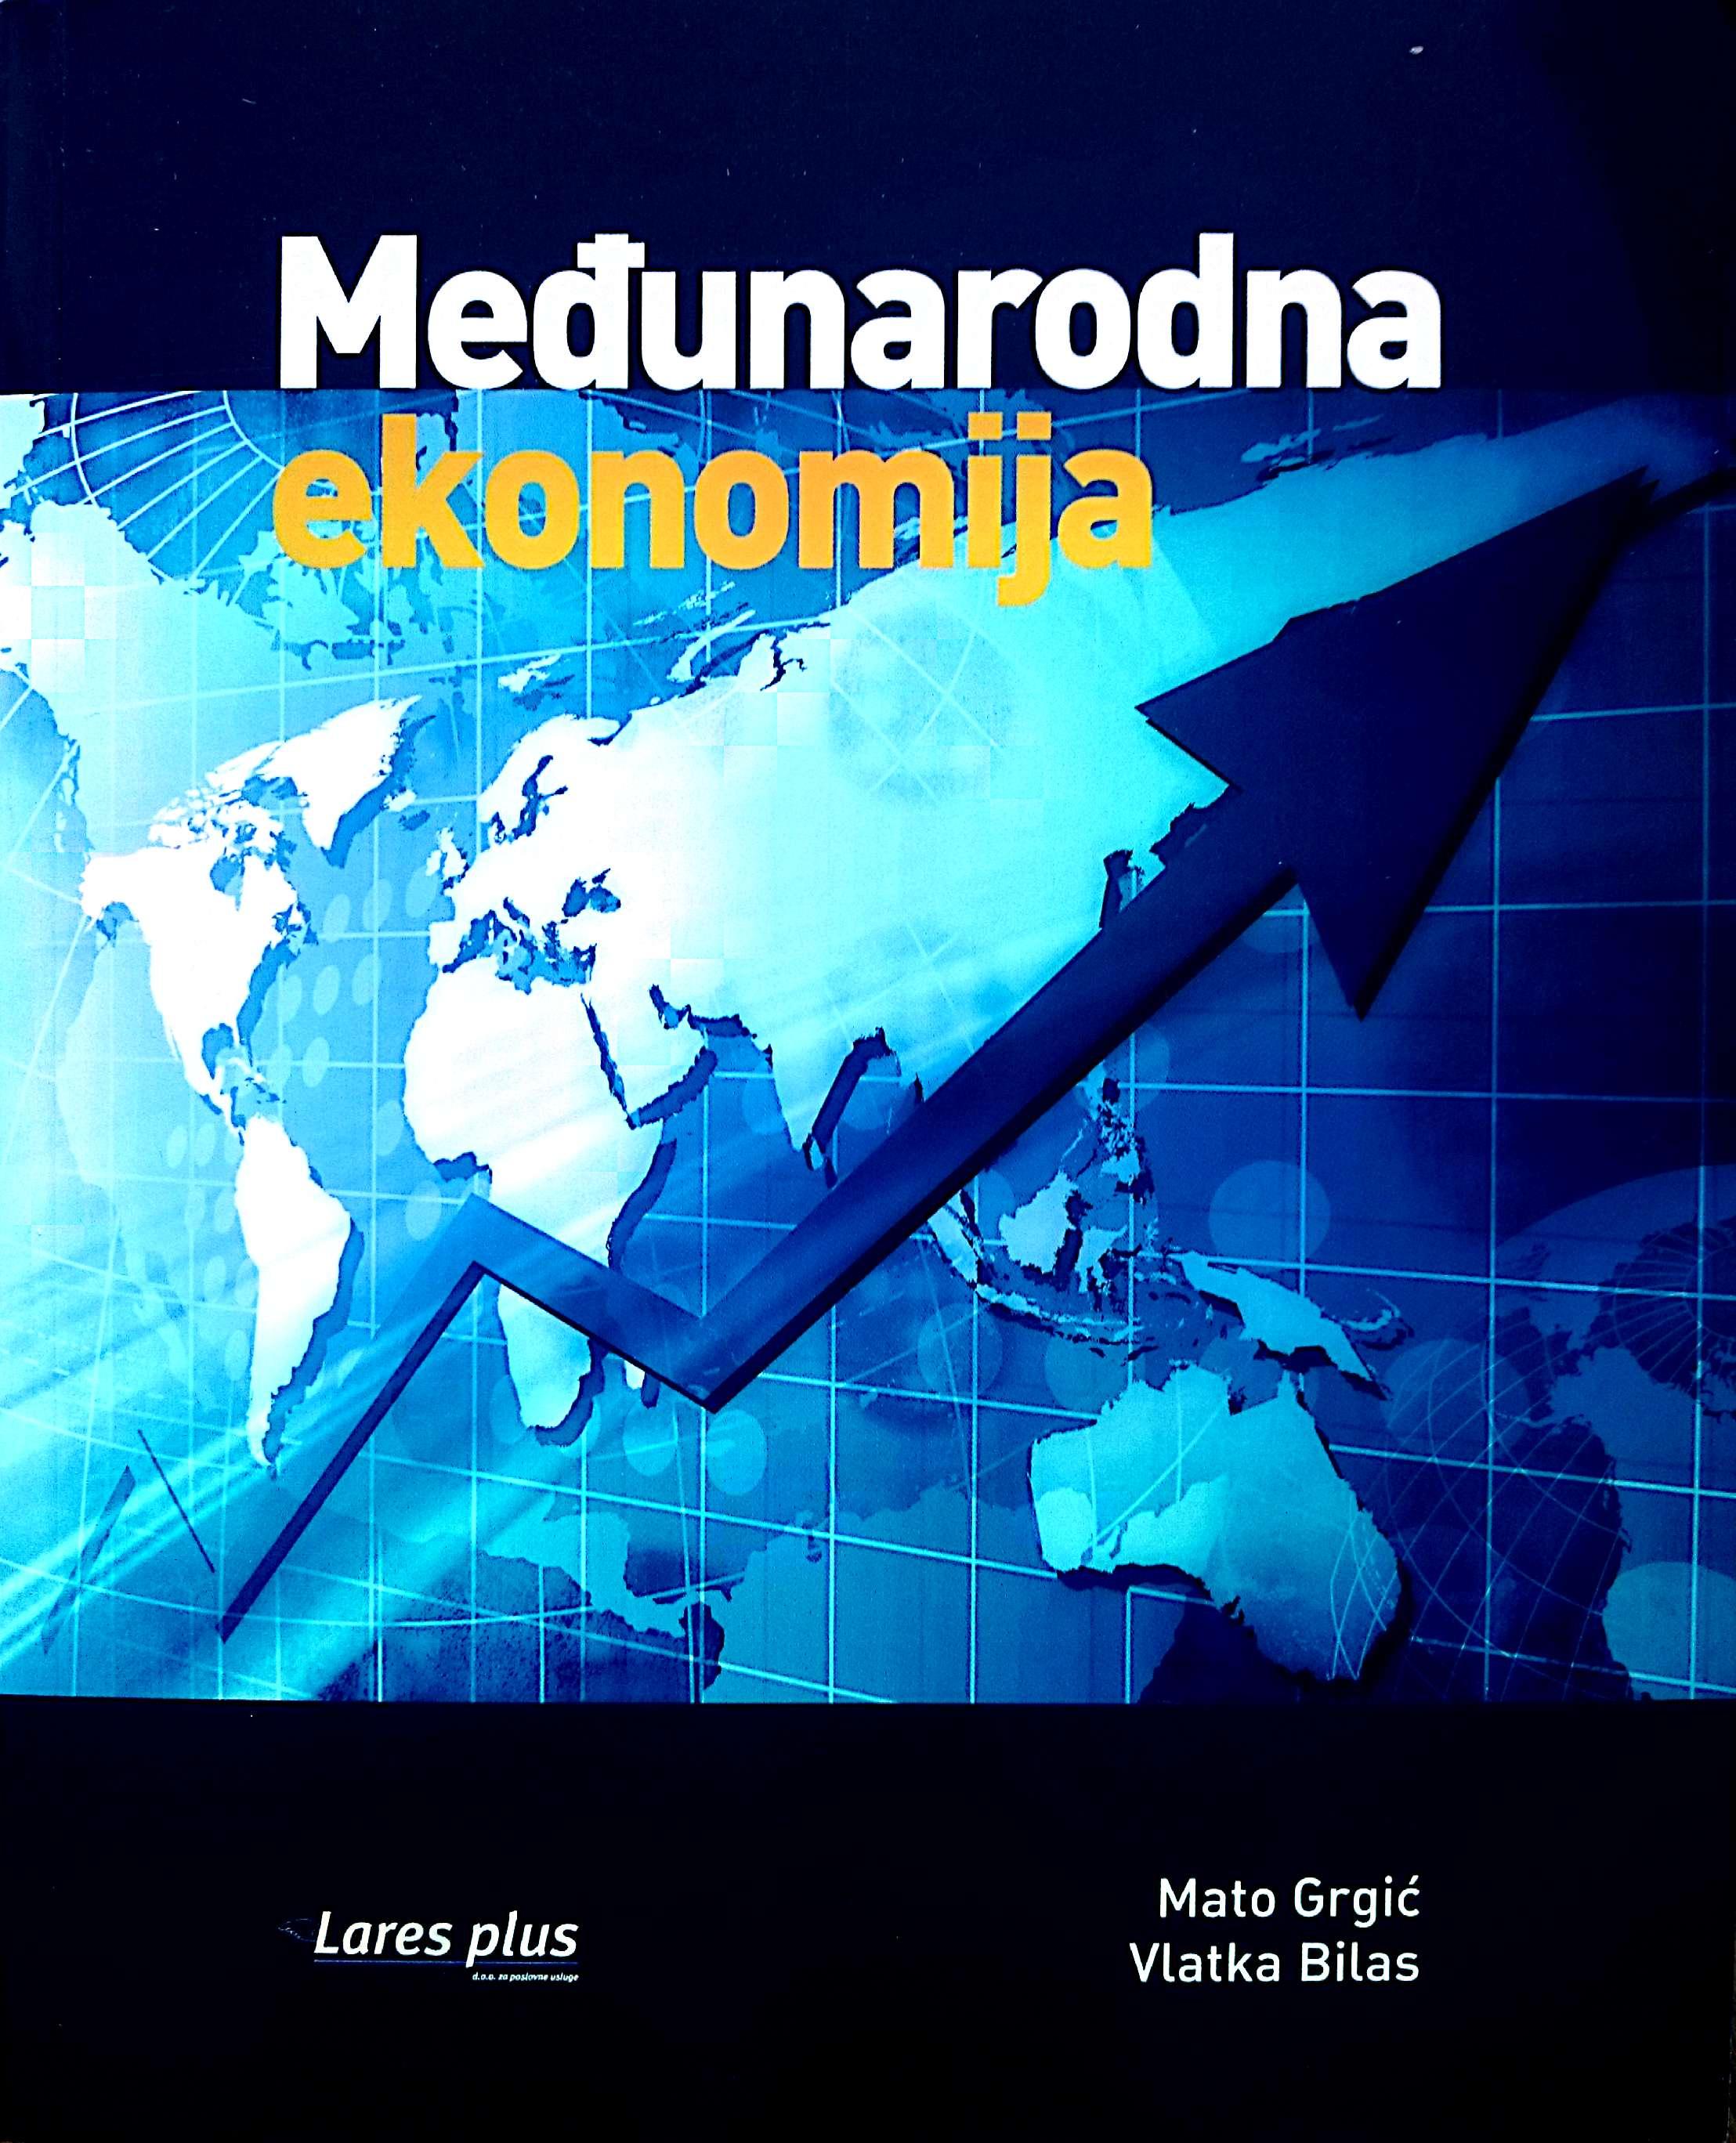 MEĐUNARODNA EKONOMIJA - Naruči svoju knjigu